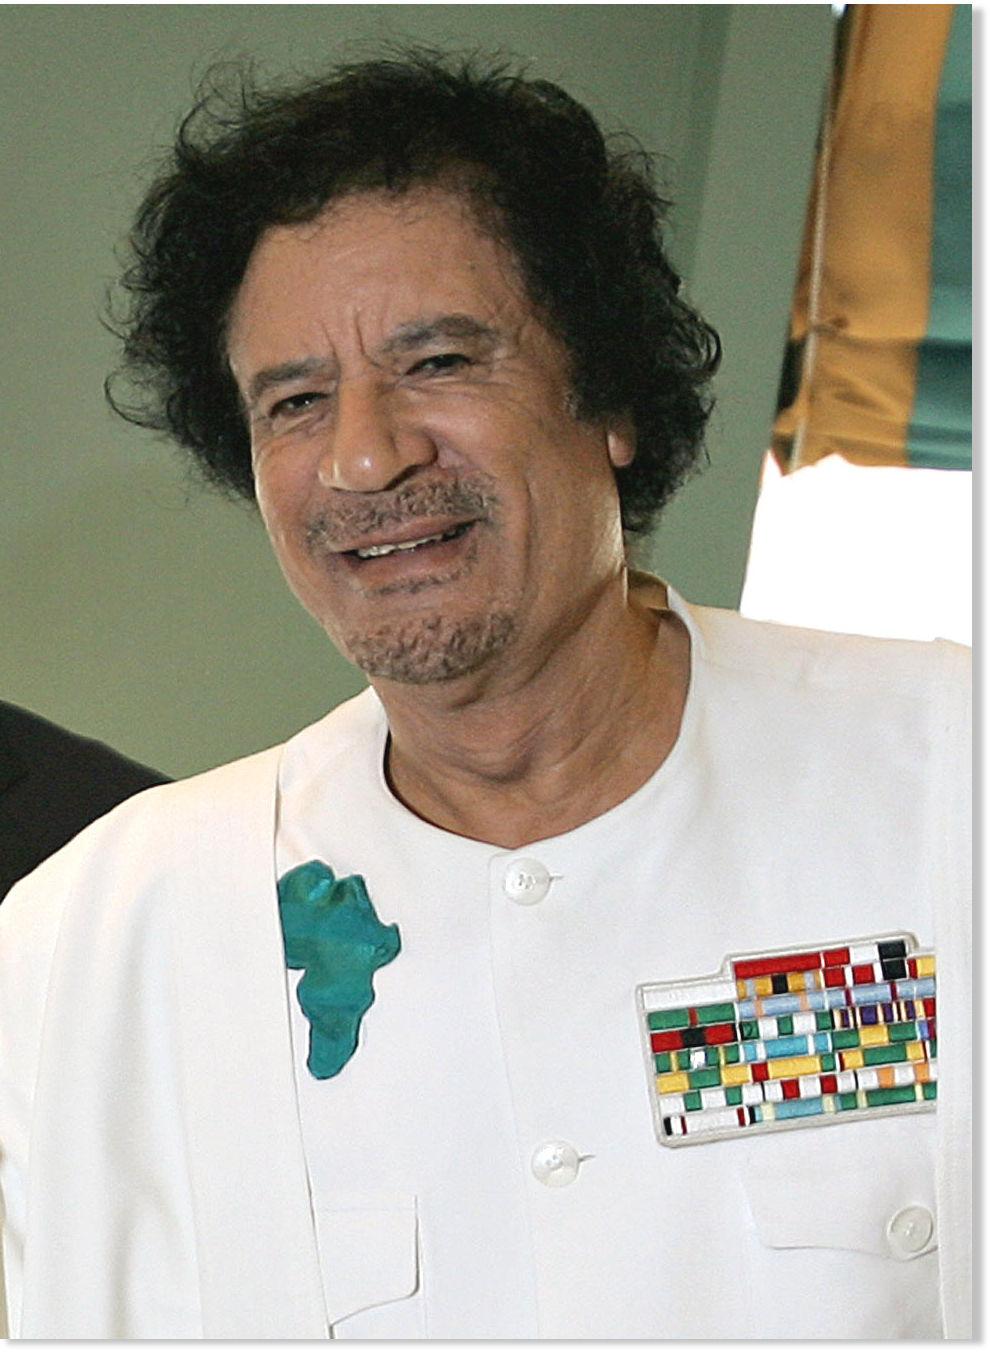 2de wereld oorlog libie